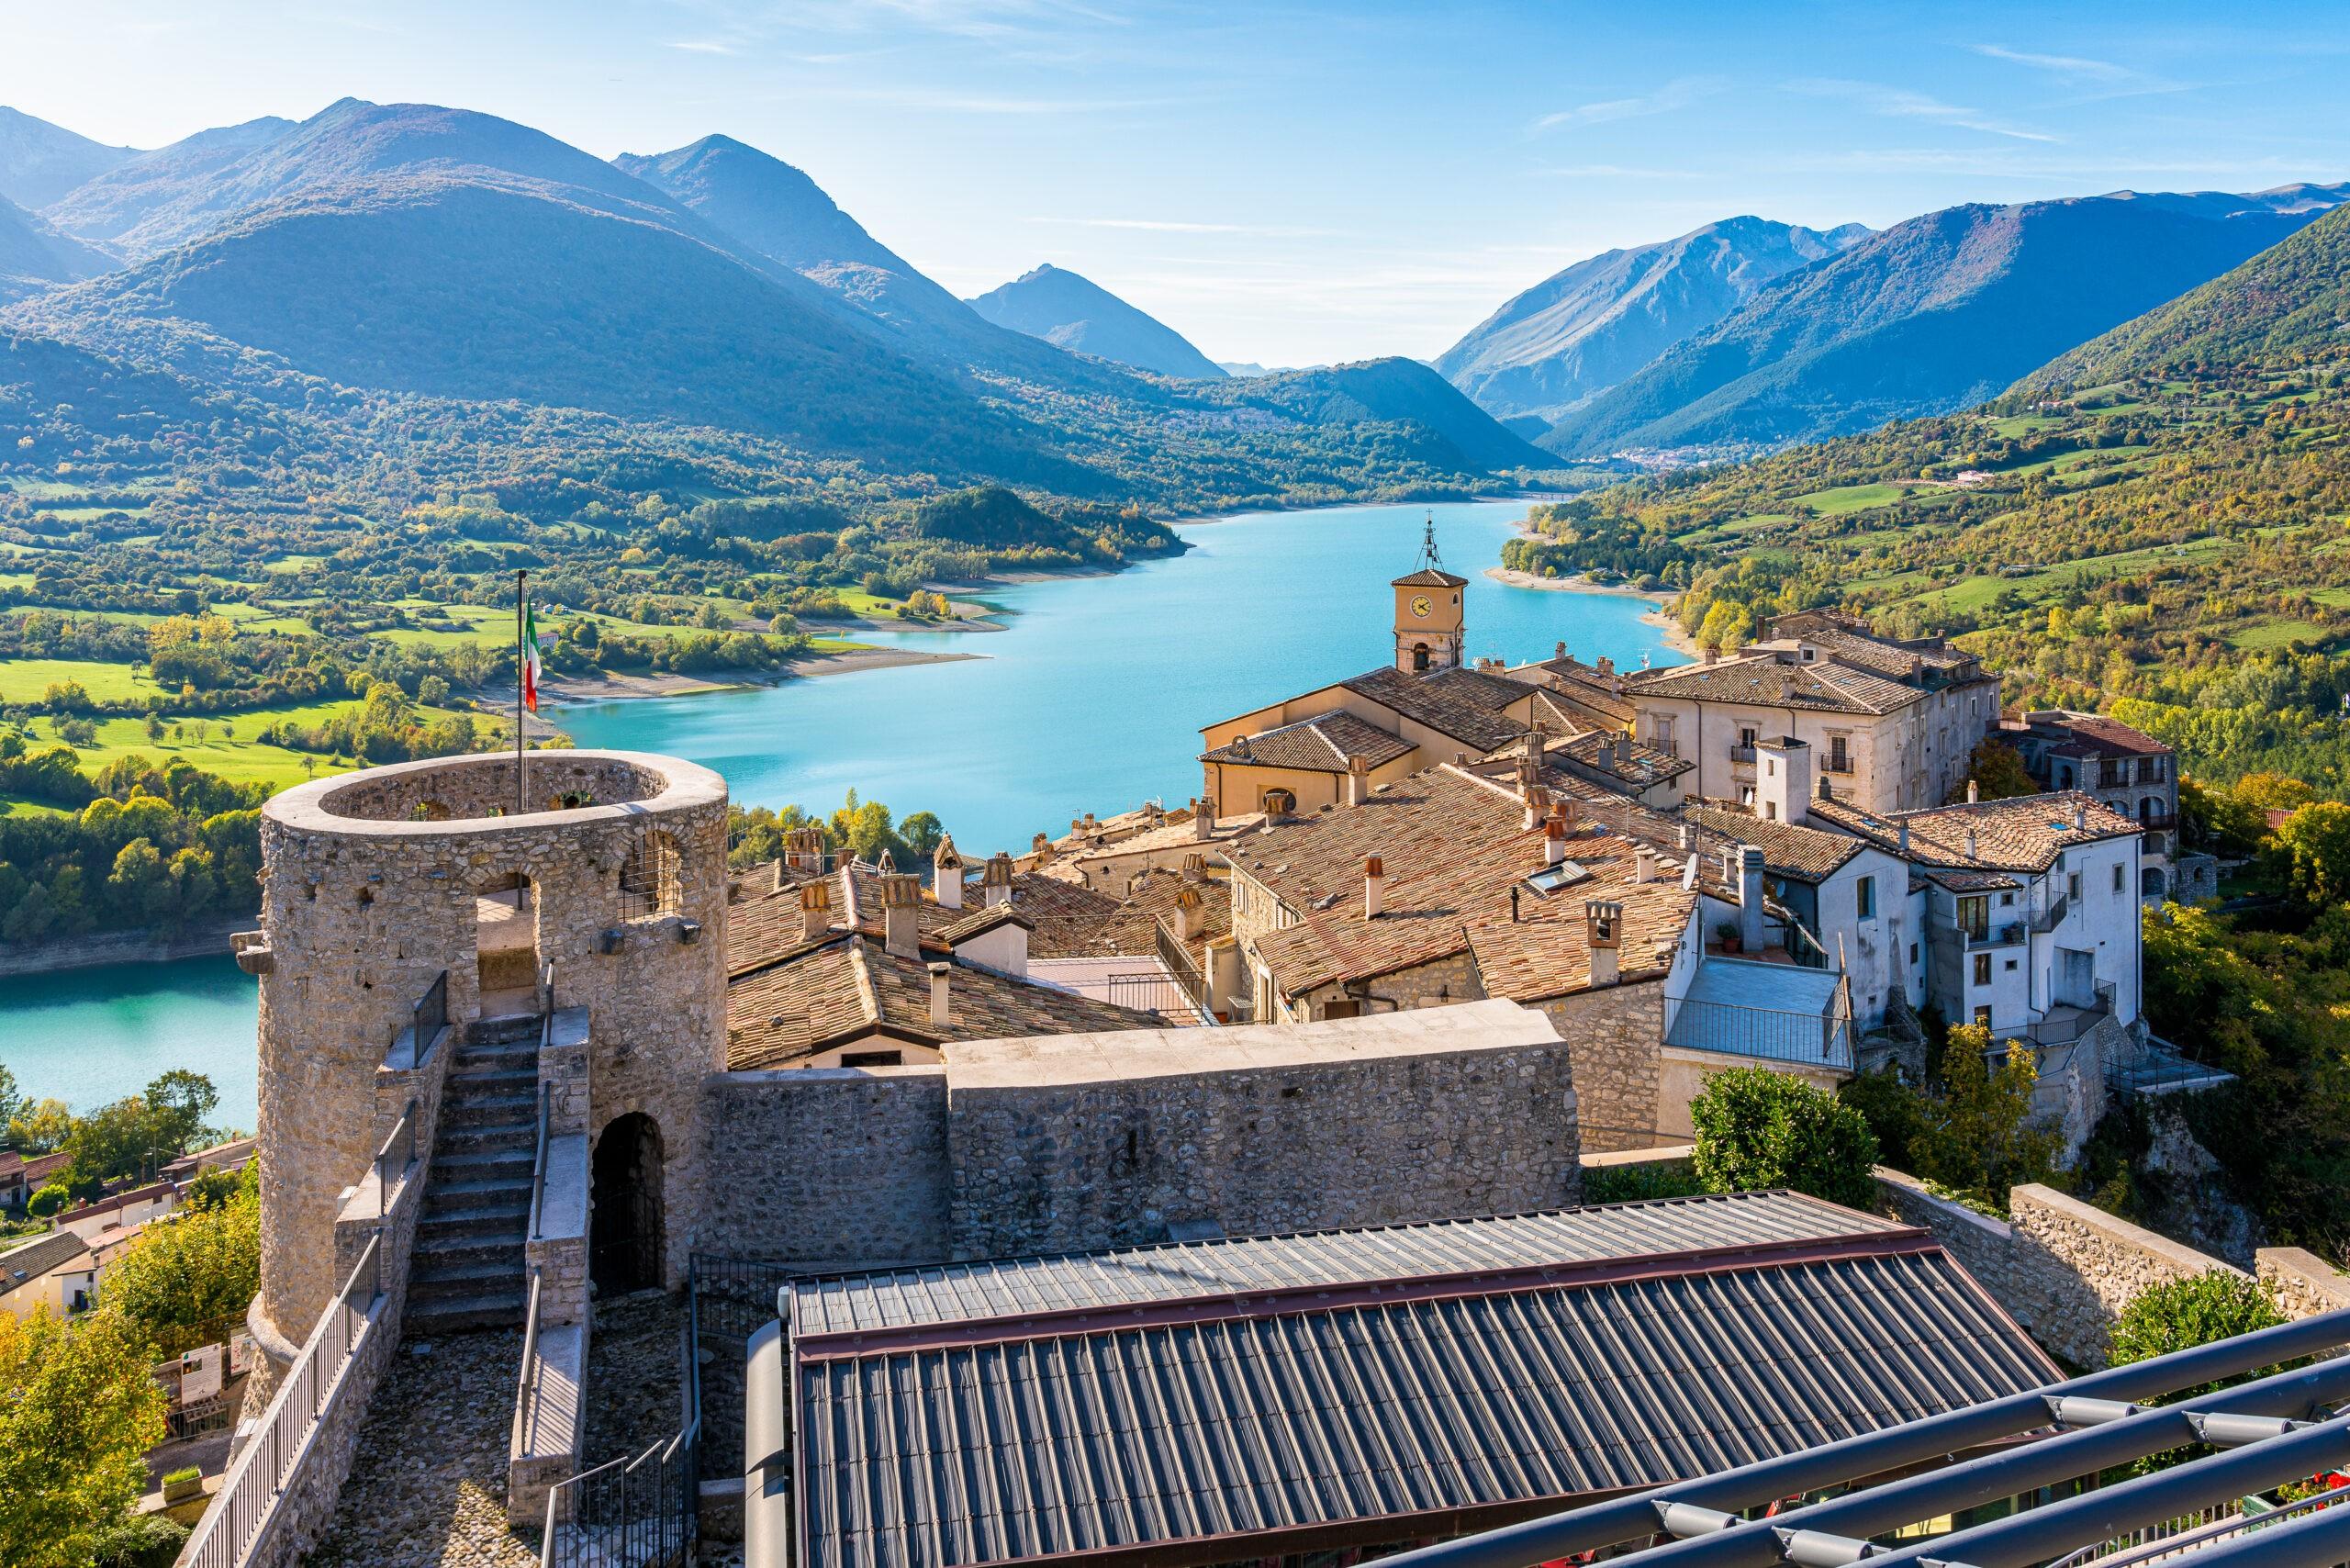 Co warto zwiedzić w Abruzji? Piękna panorama w Barrea, Włochy